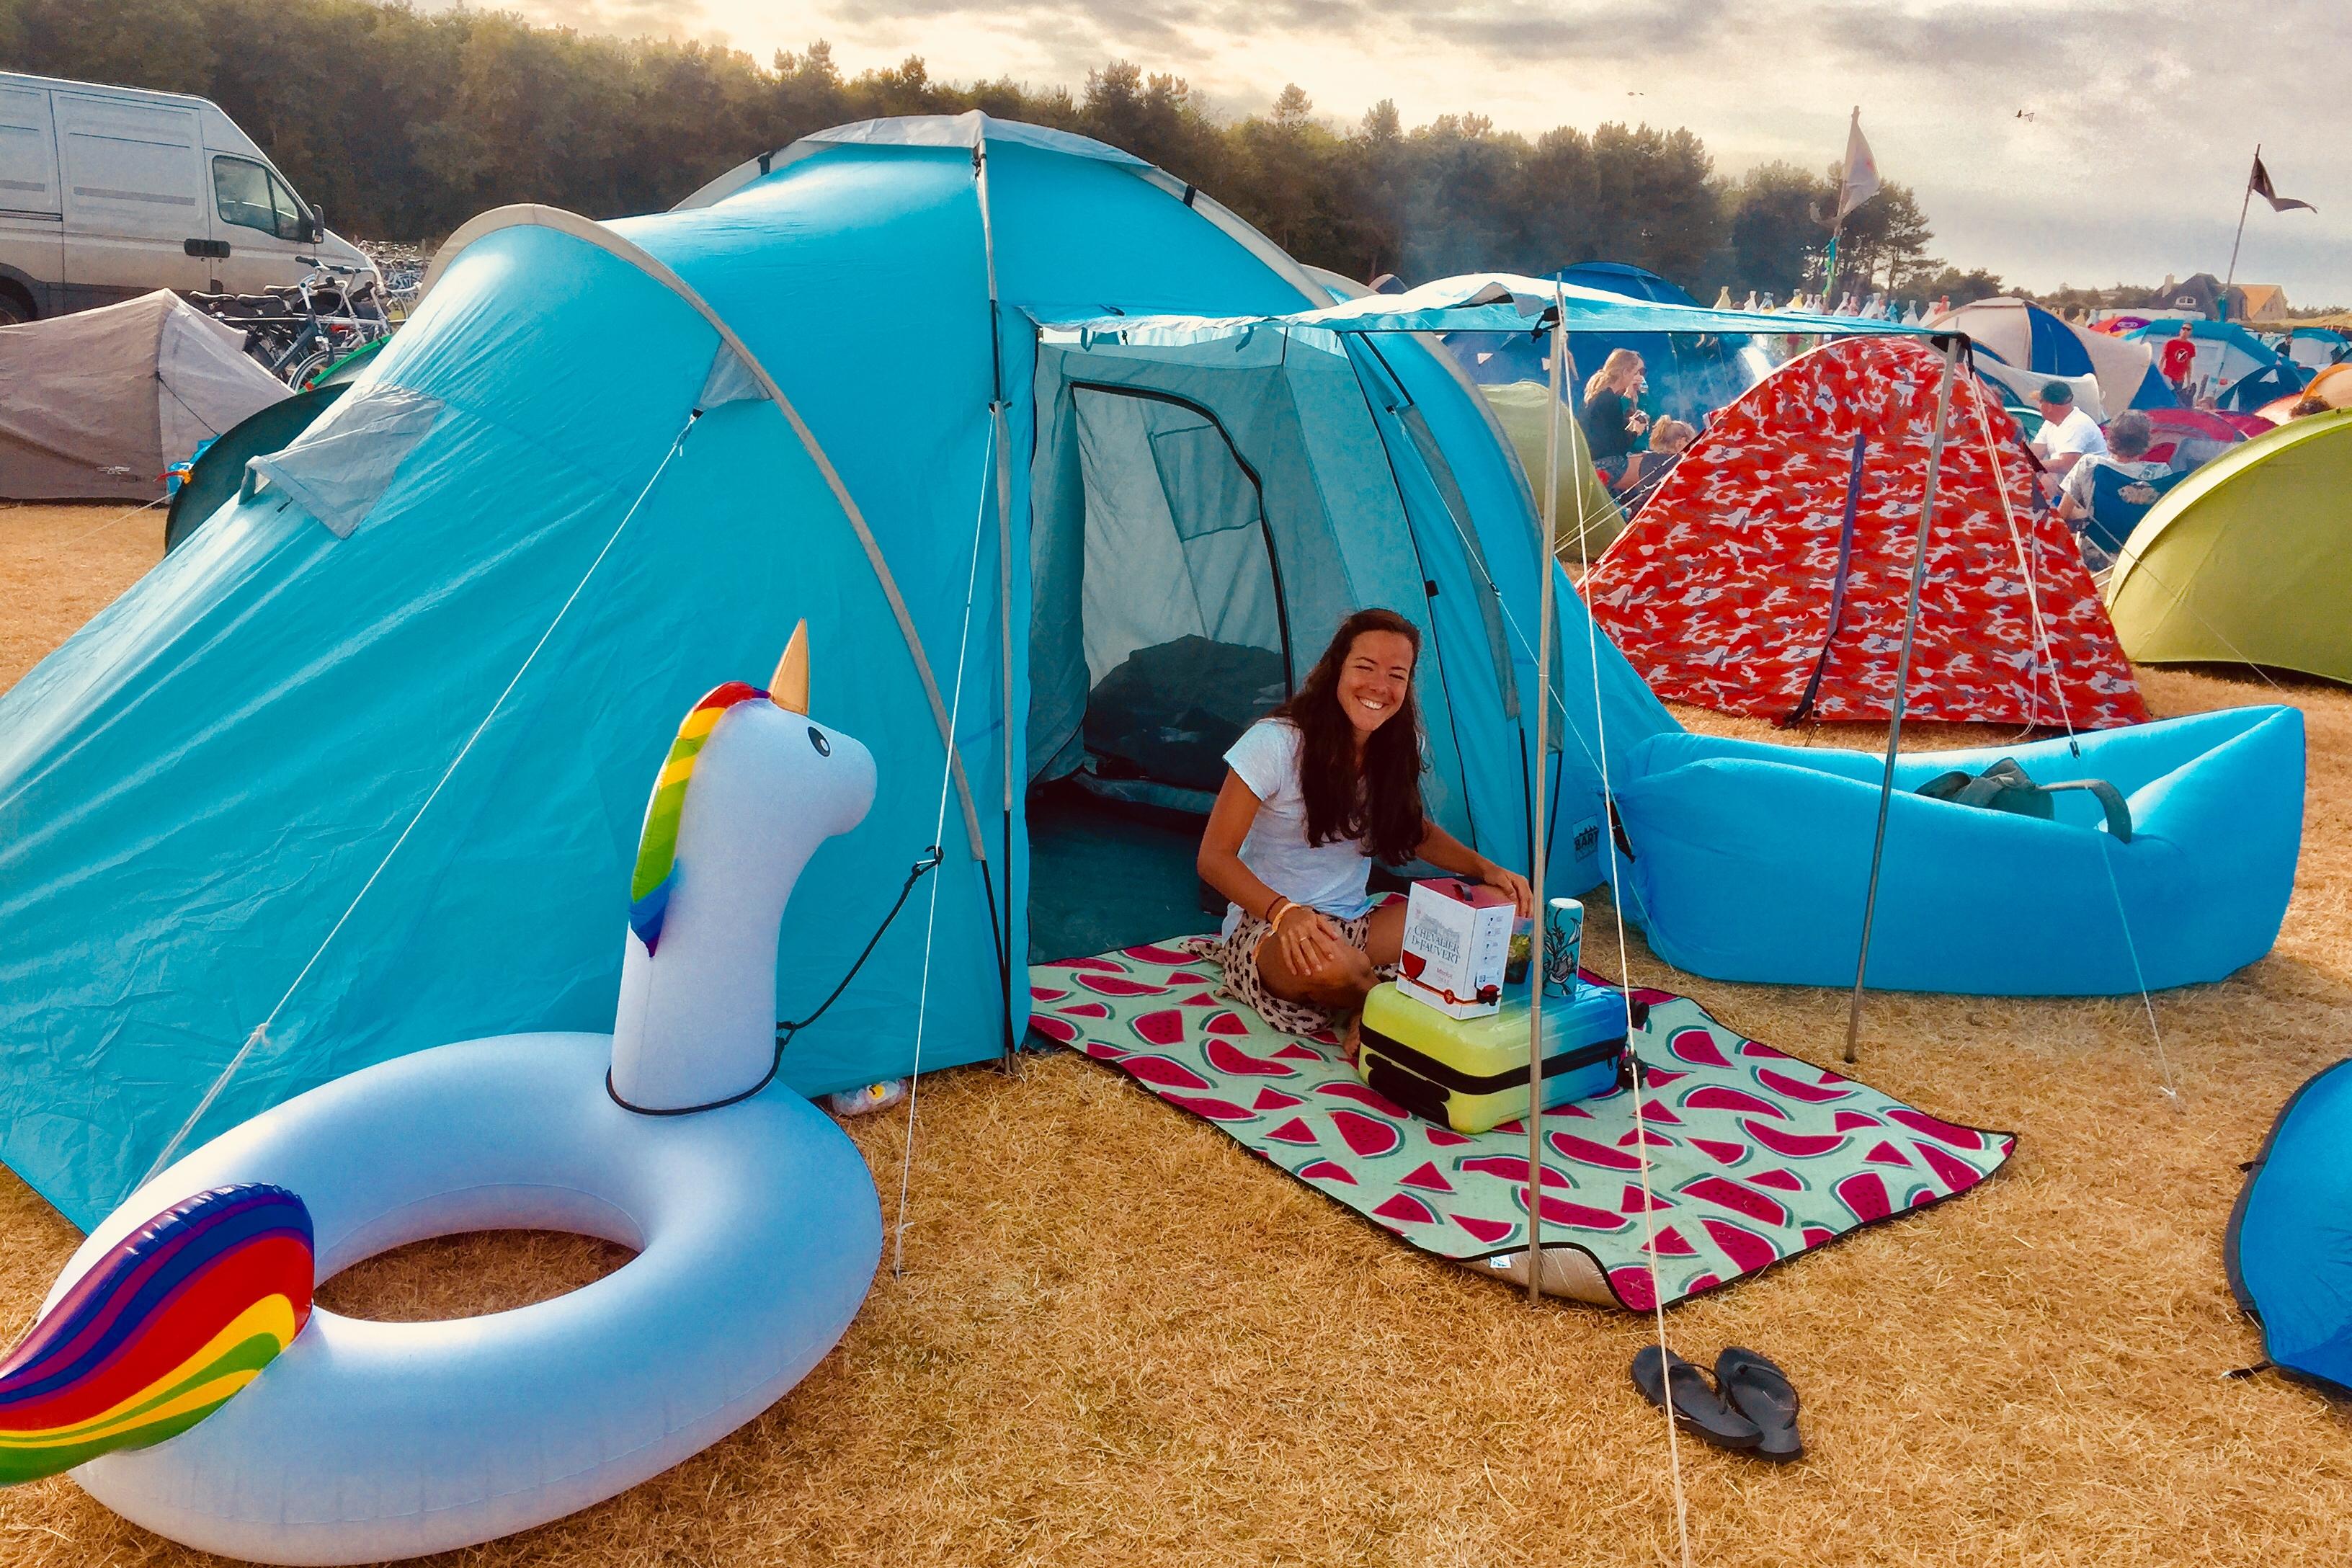 tent, camping, MadNes Festival 2018 - Fotocredits Djuna Vaesen (ArtiestenNieuws)